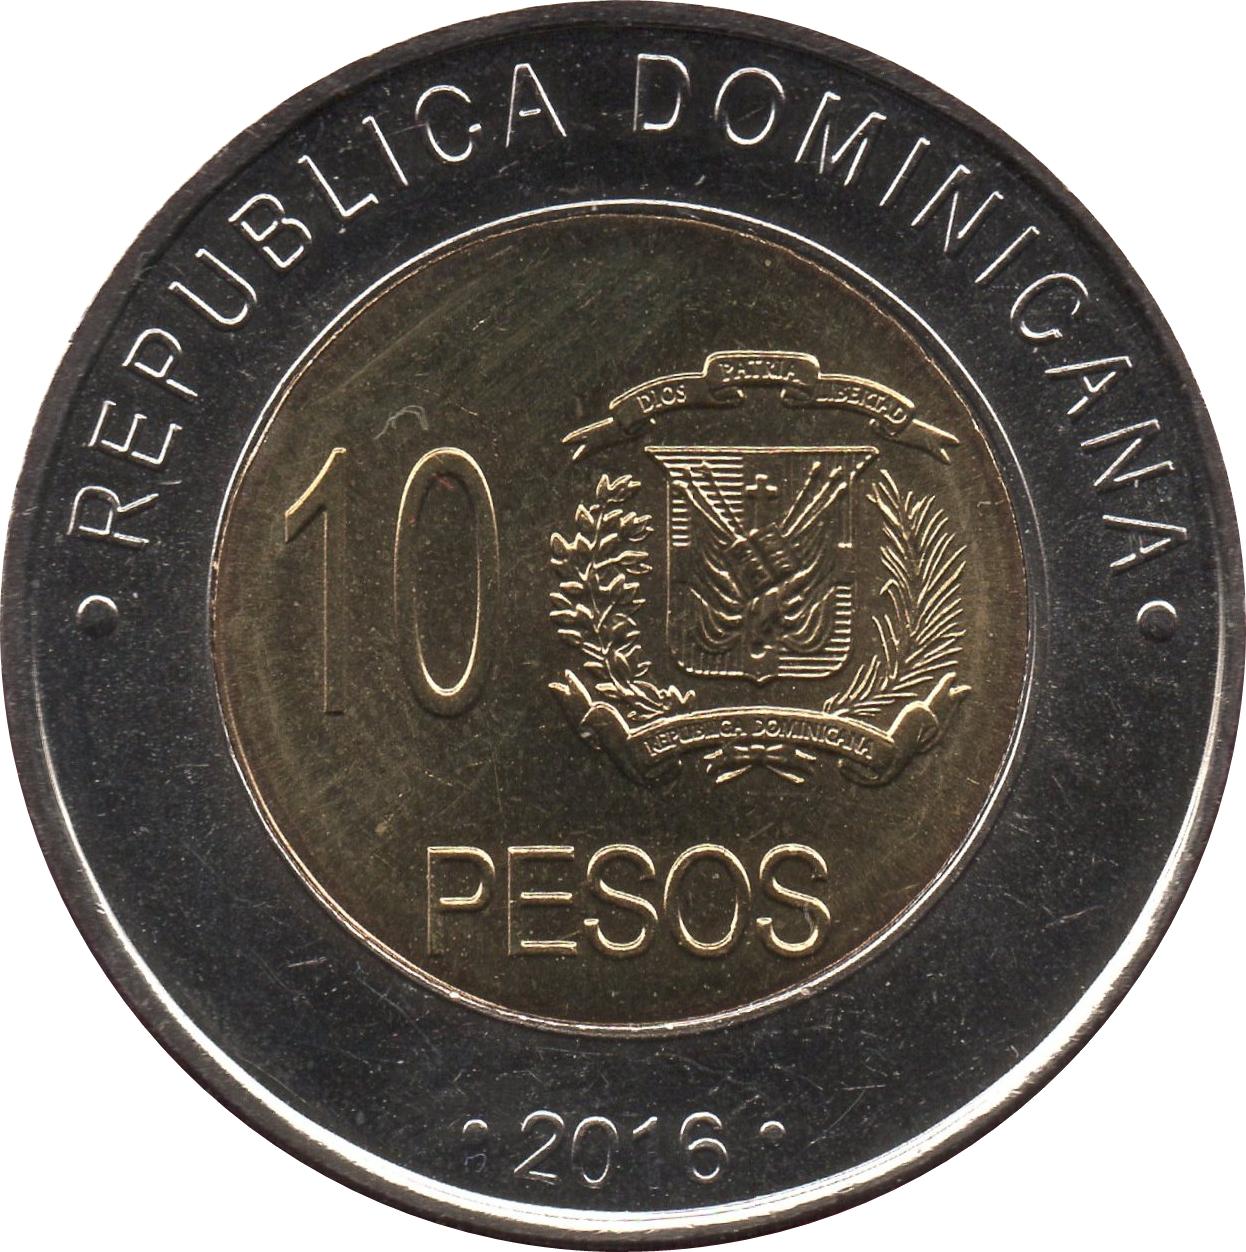 10 Pesos Dominican Republic Numista